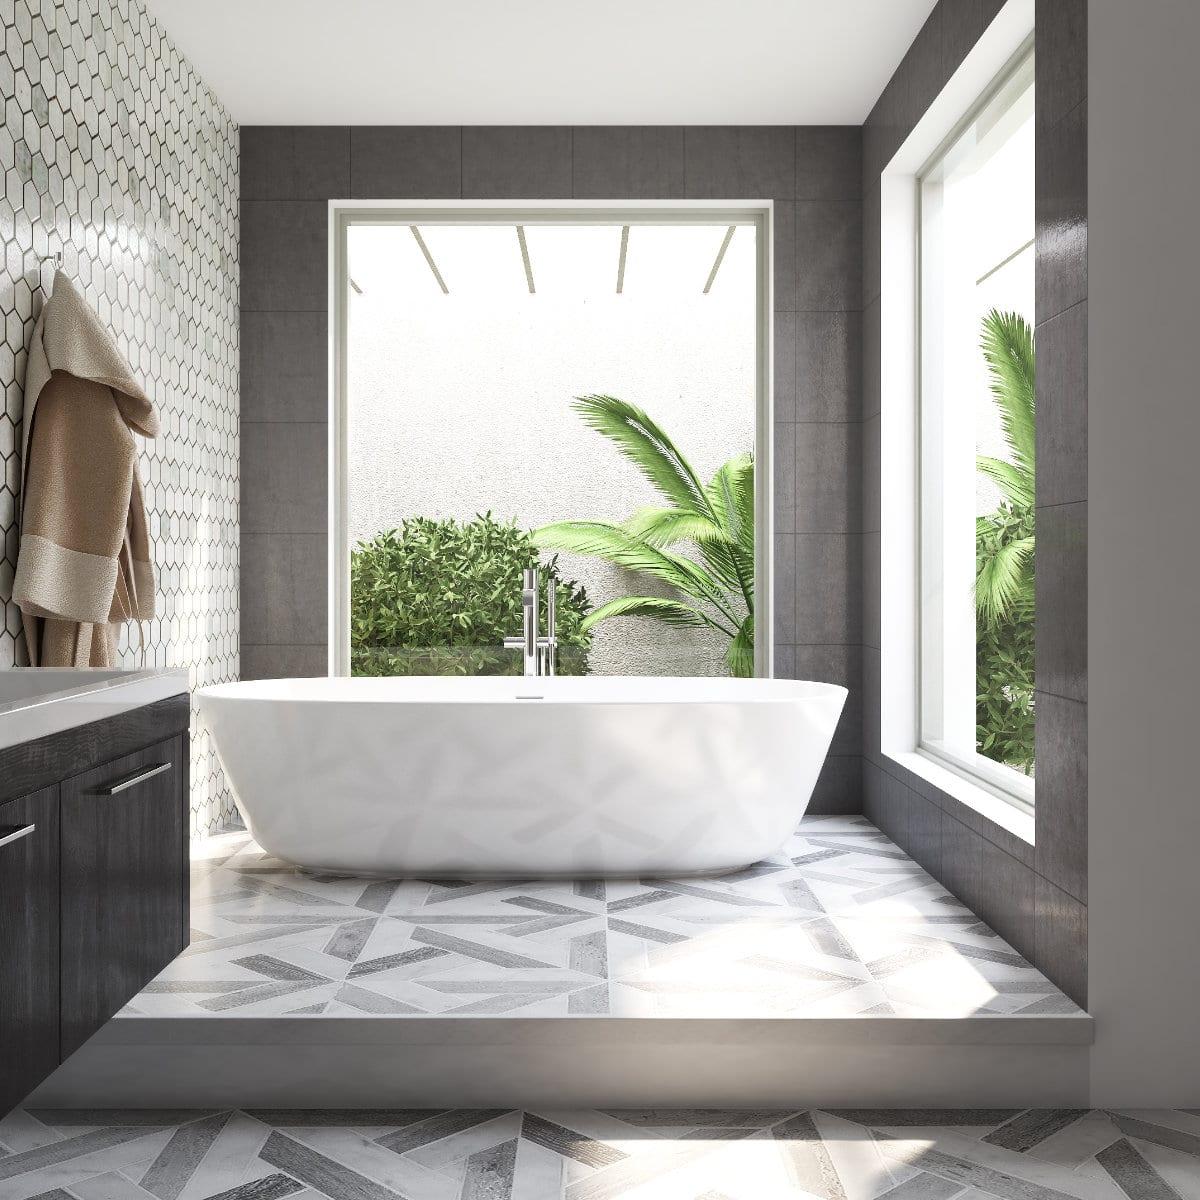 Salle de bain avec 2 fenetres par un designer d'interieur